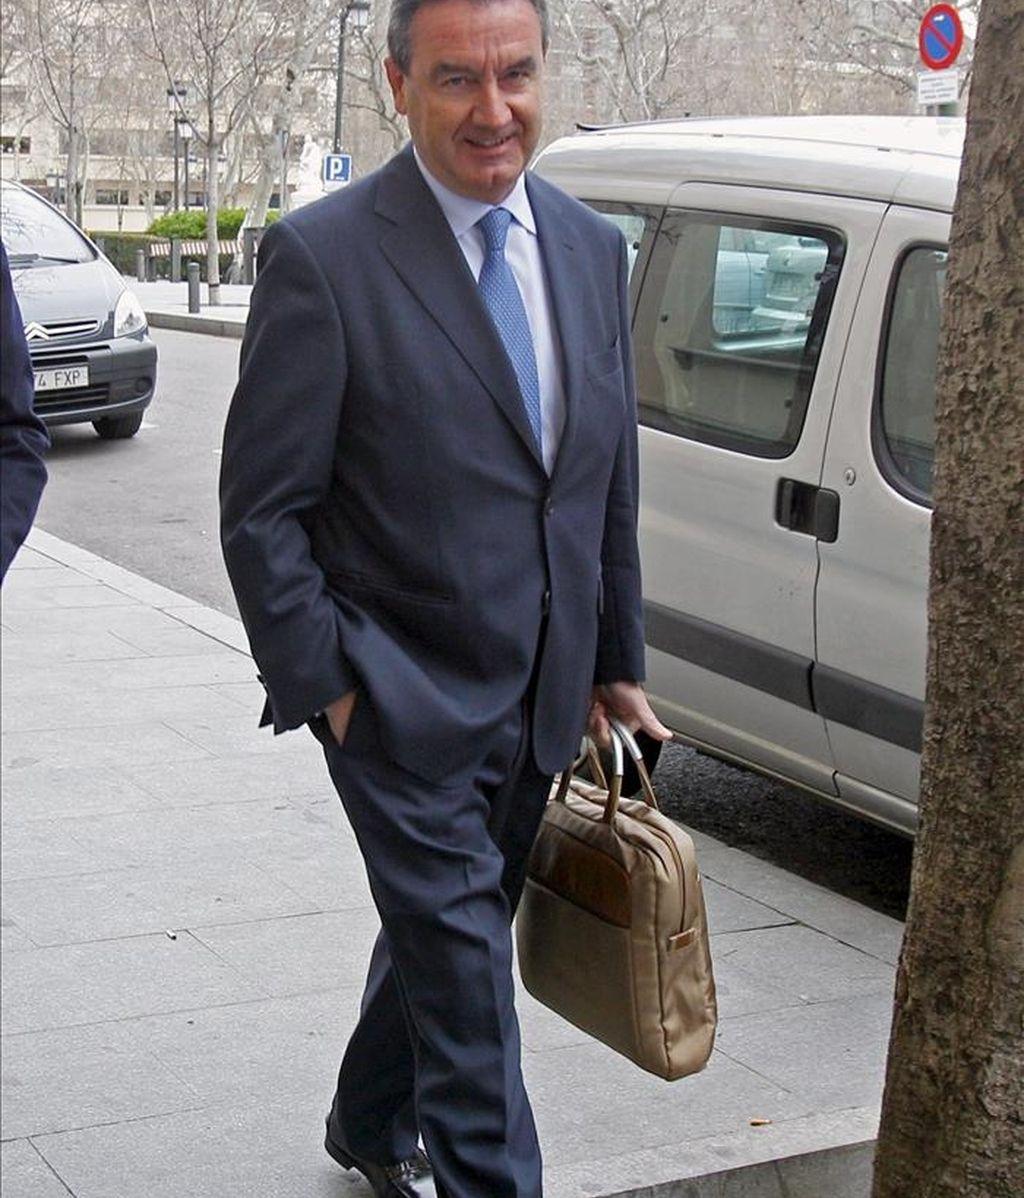 El exdiputado del PP Jesús Merino. EFE/Archivo